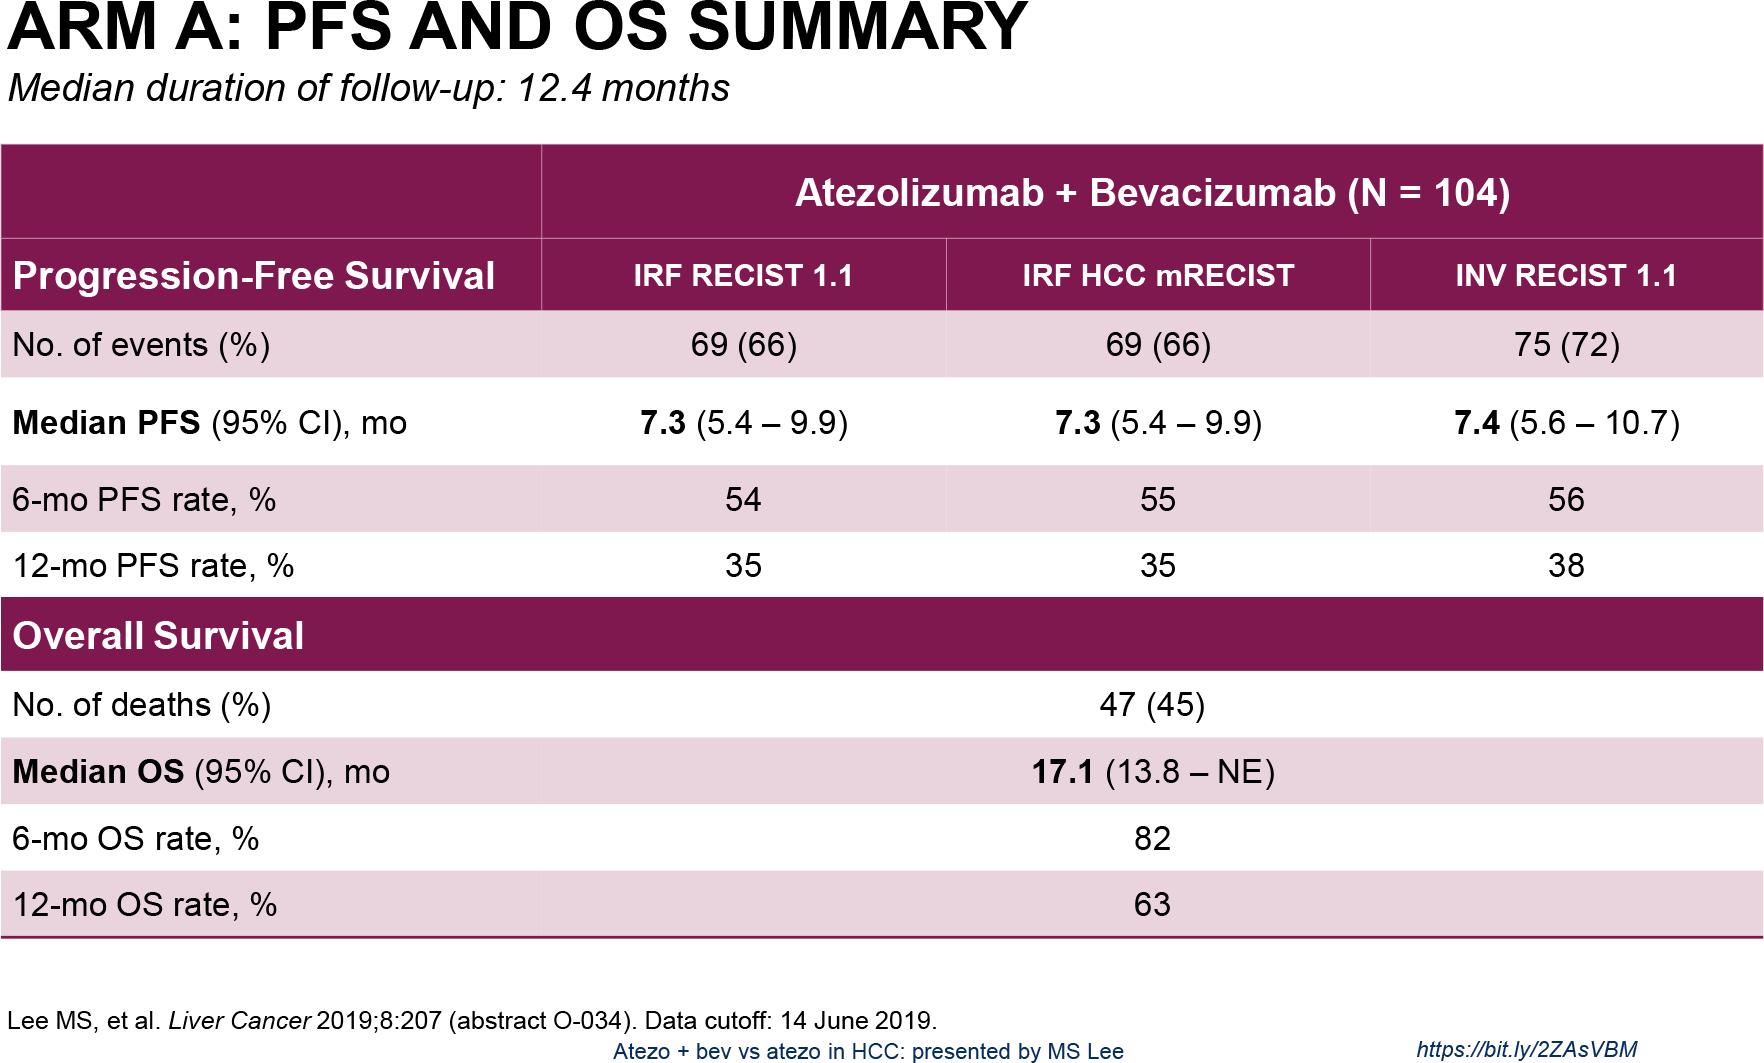 nct02715531 arm a results 02 - «Тецентрик» плюс «Авастин»: иммуноонкологическое лечение гепатоцеллюлярной карциномы